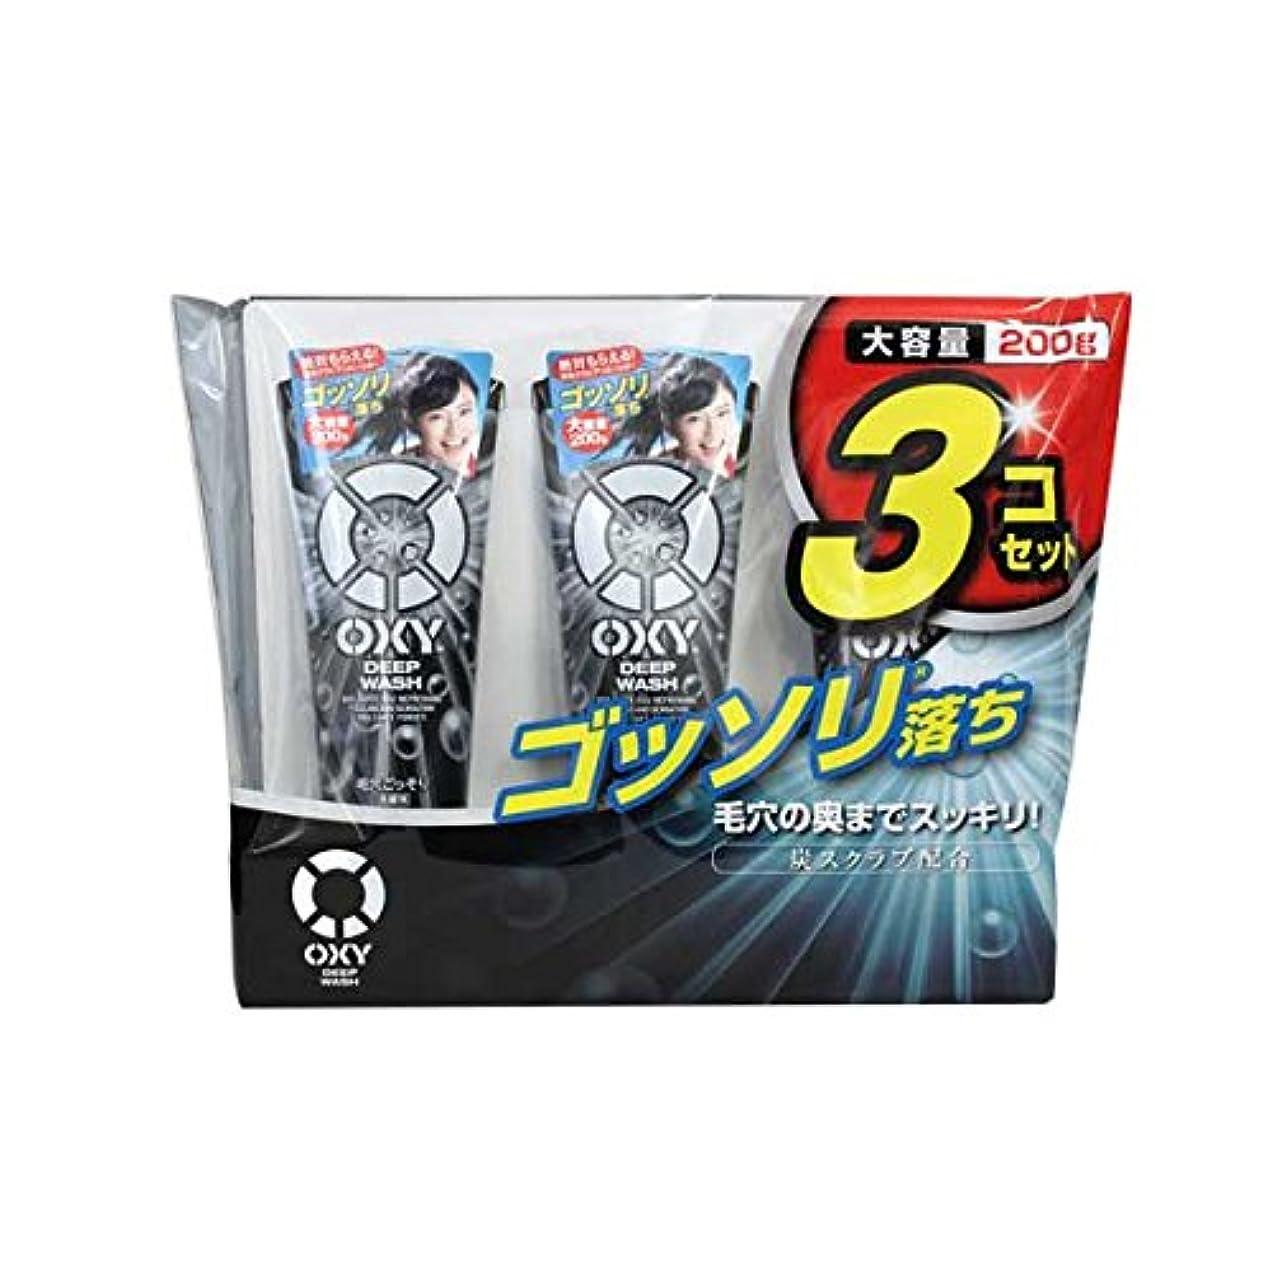 壊す警察毒OXY 炭スクラブ洗顔料 大容量 200gx3本